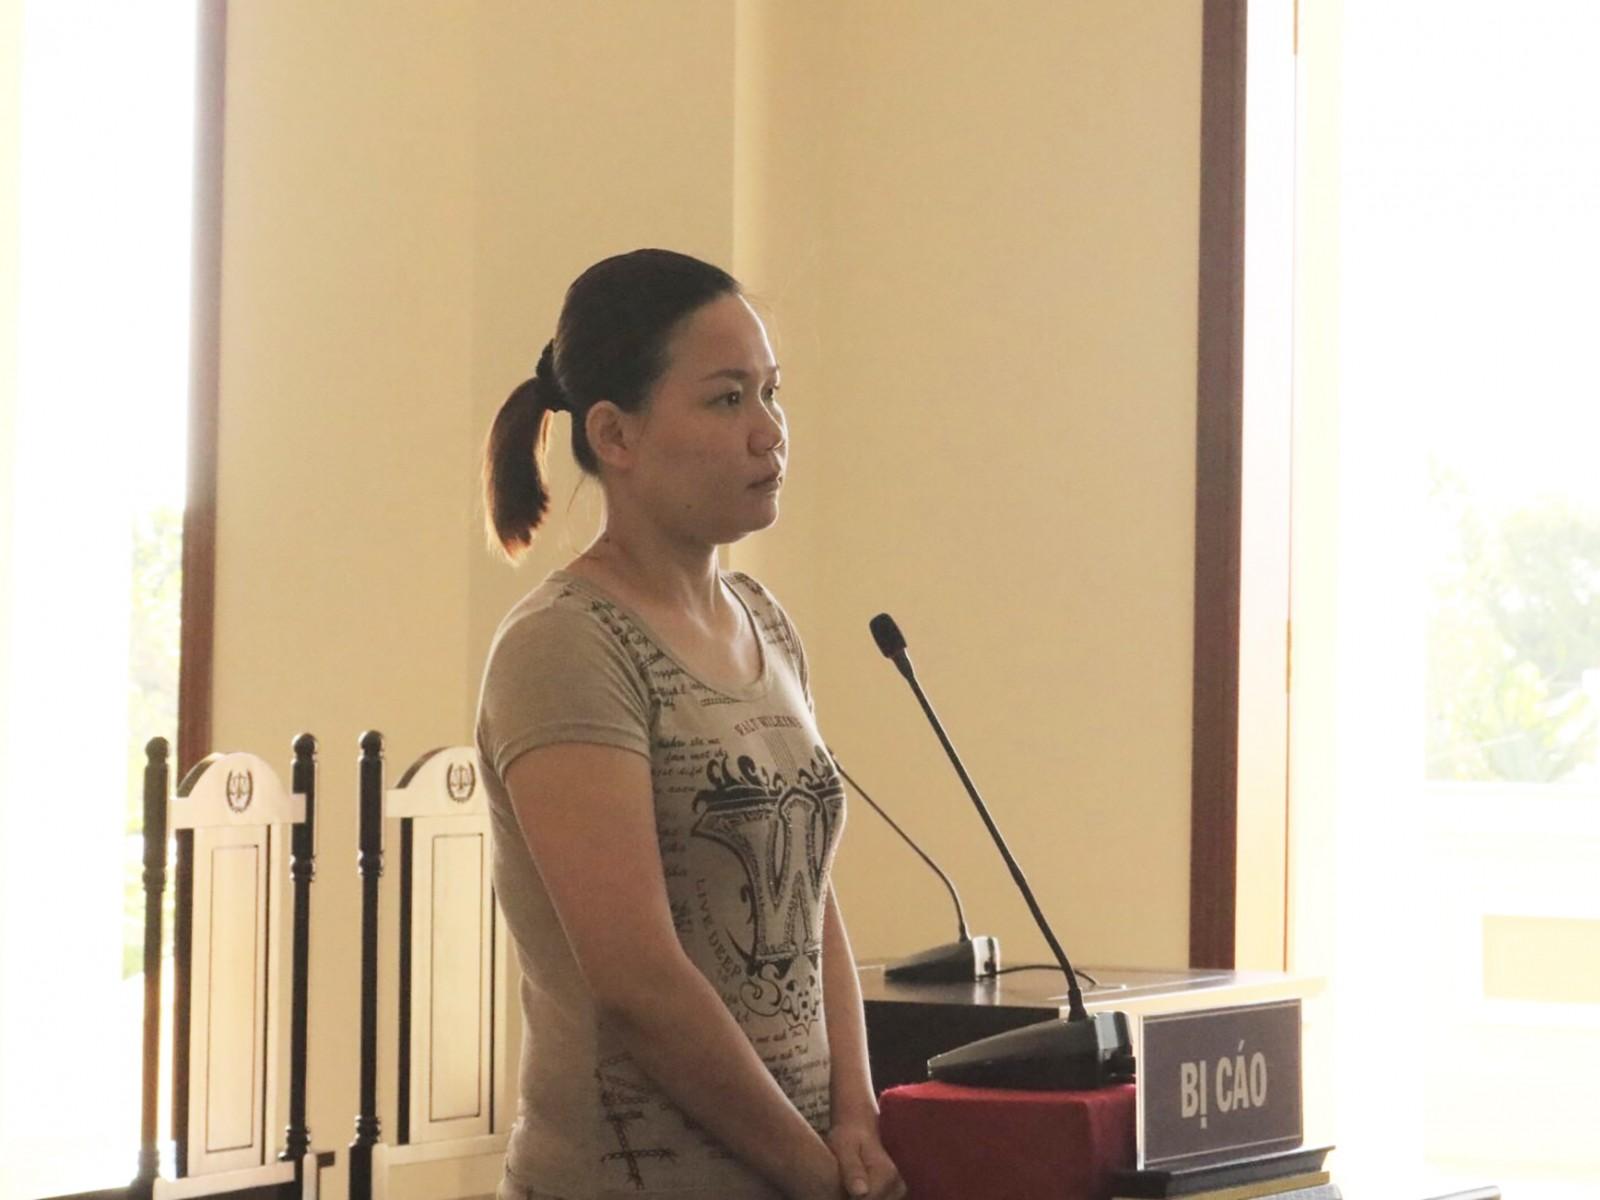 Dùng thủ đoạn gian dối kiếm tiền, Nguyễn Thị Ngọc Dung lãnh án 2 năm tù. Ảnh: KIỀU CHINH